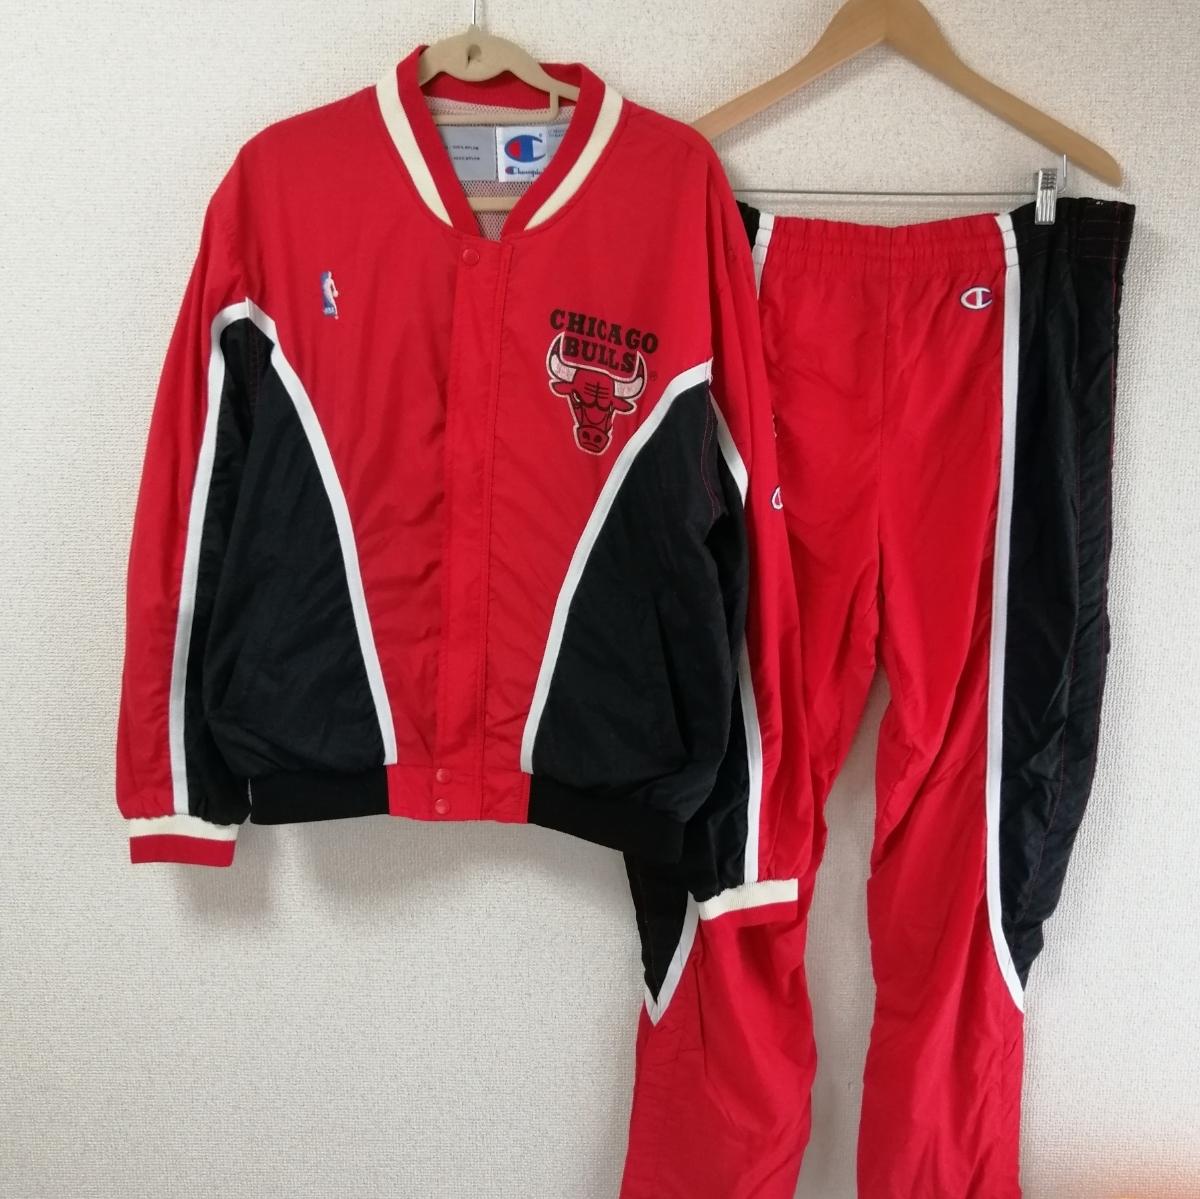 希少 champion チャンピオン シカゴブルズ ウォームアップジャージ ナイロンジャケット セットアップ パンツ 90S 90年代 L レッド(赤)